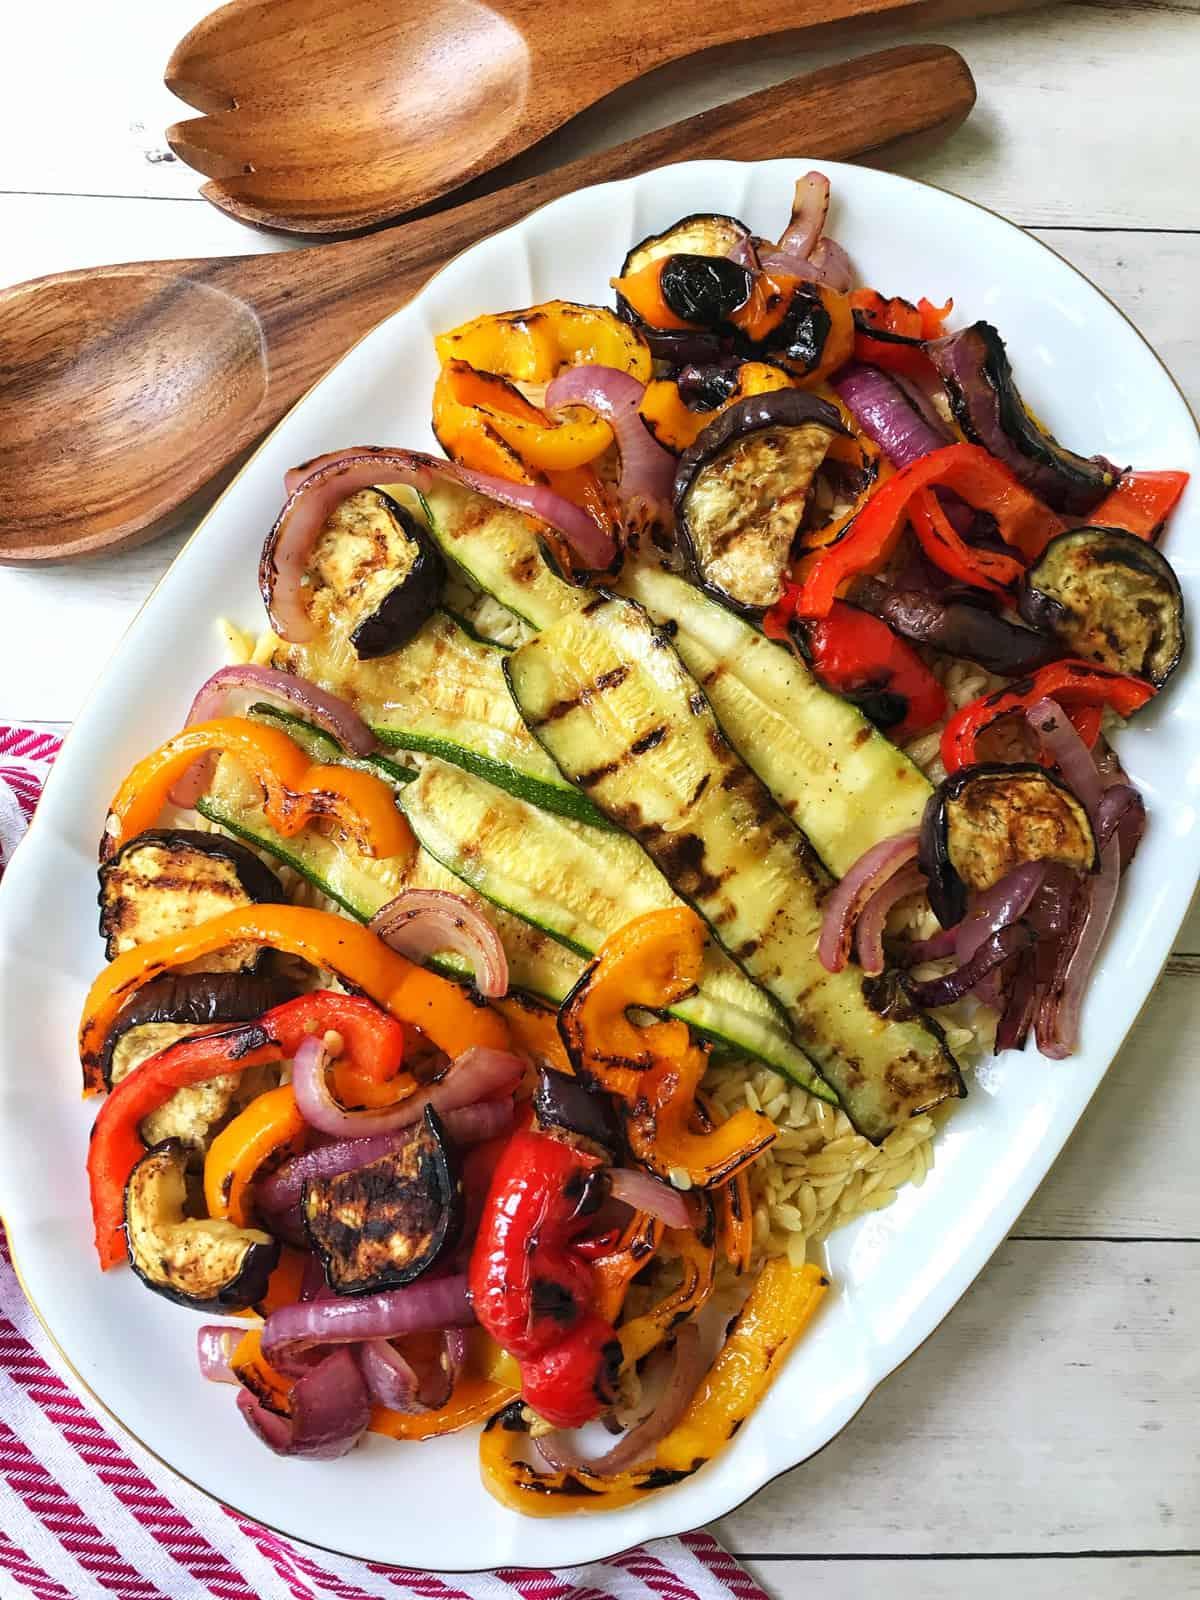 Grilled Vegetables over Orzo with Lemon Dijon Vinaigrette